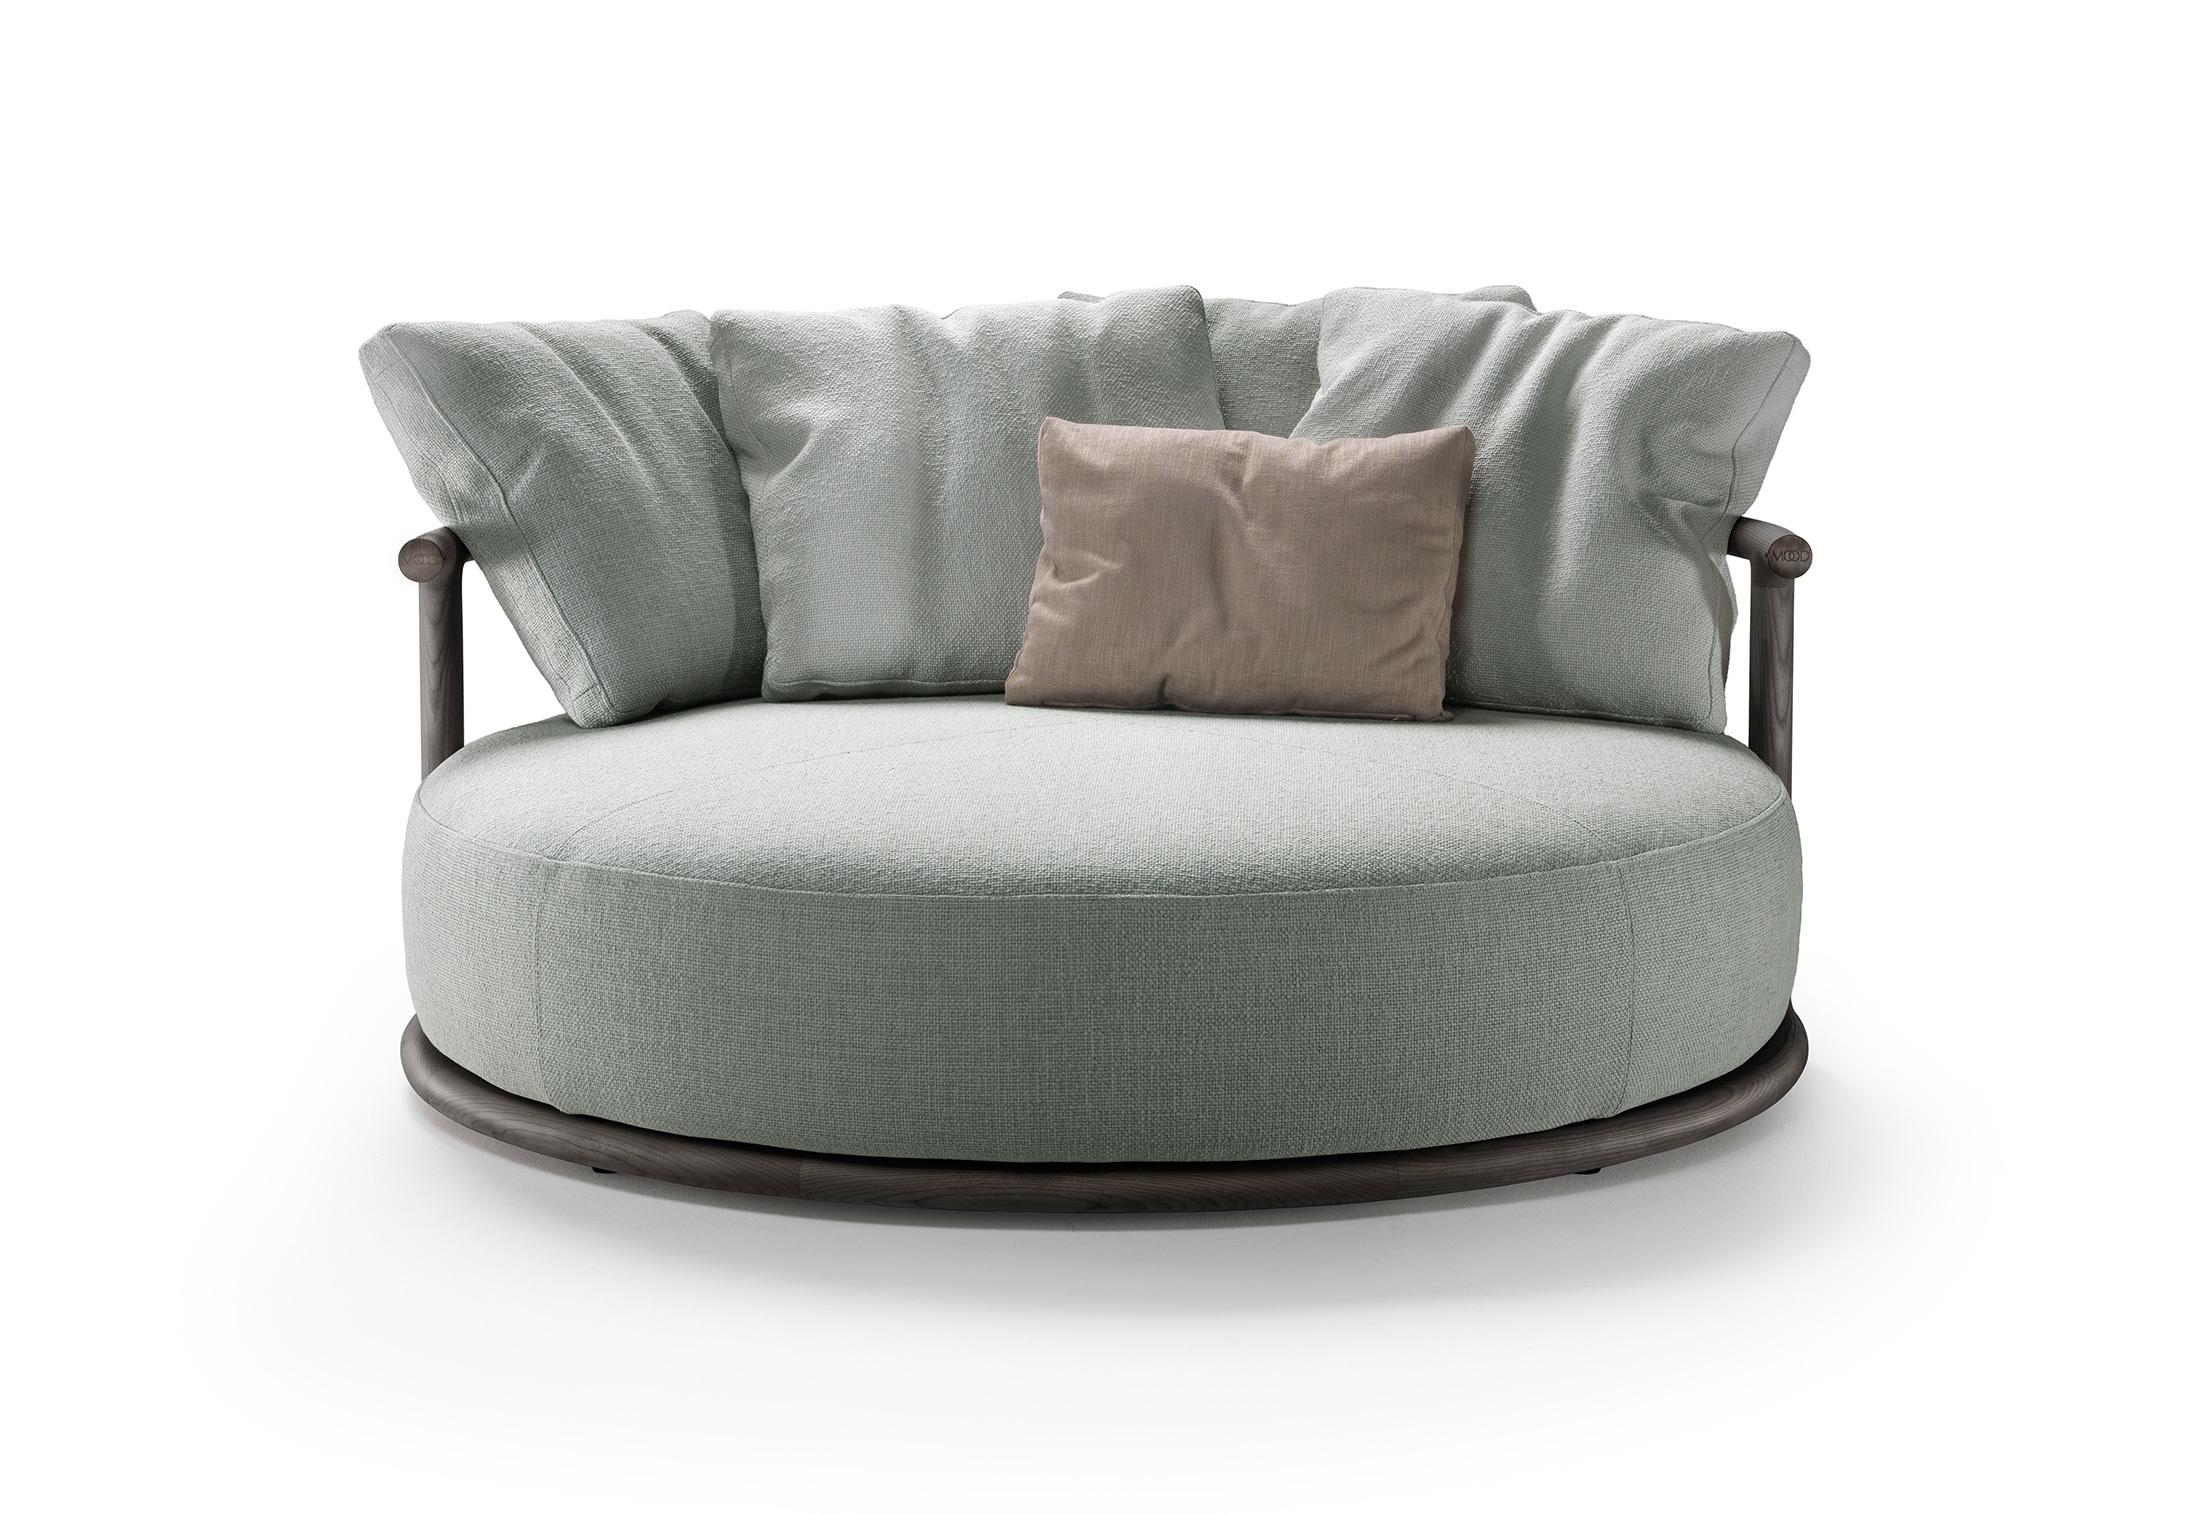 Full Size of Sofa Rund Arundel Leather Couch Klein Oval Med Runde Former Form Dreamworks Bed Rundy Rundecke Design Chesterfield Leder Icaro Von Flexform Stylepark Sofa Sofa Rund